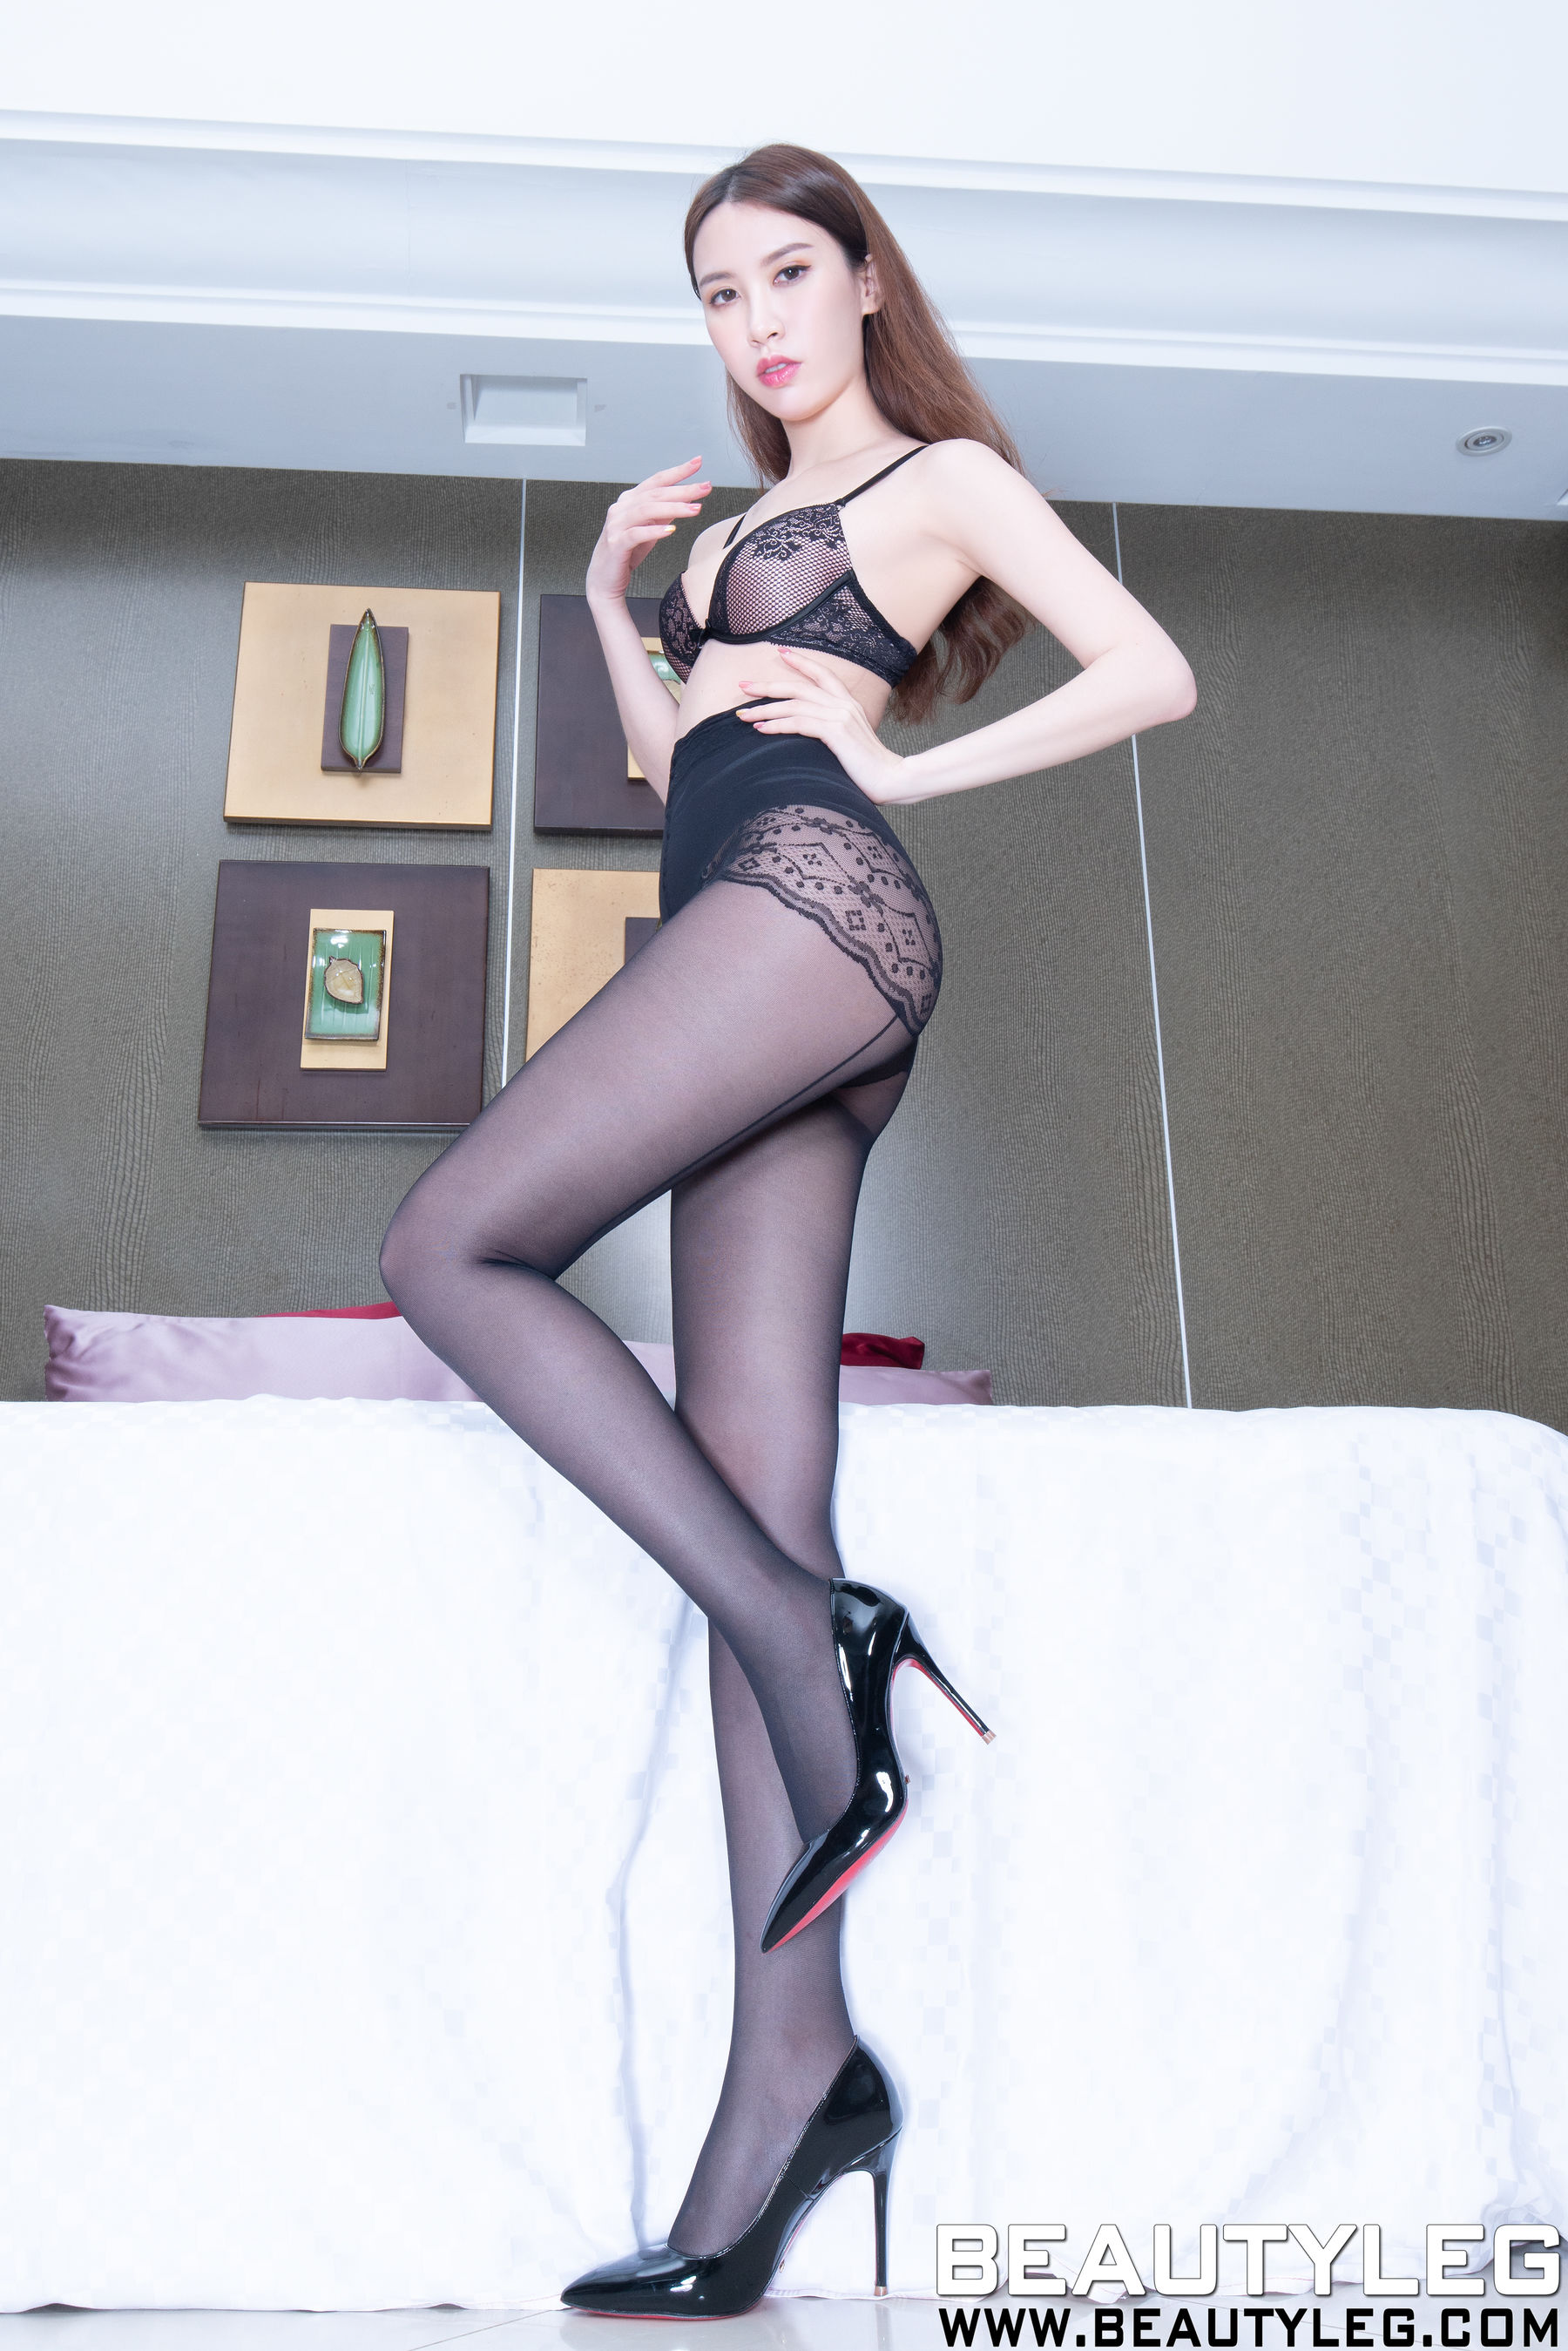 VOL.1933 [Beautyleg]黑丝美腿肉丝美腿:崔多朵(崔德蓉,腿模Stephy)超高清个人性感漂亮大图(49P)